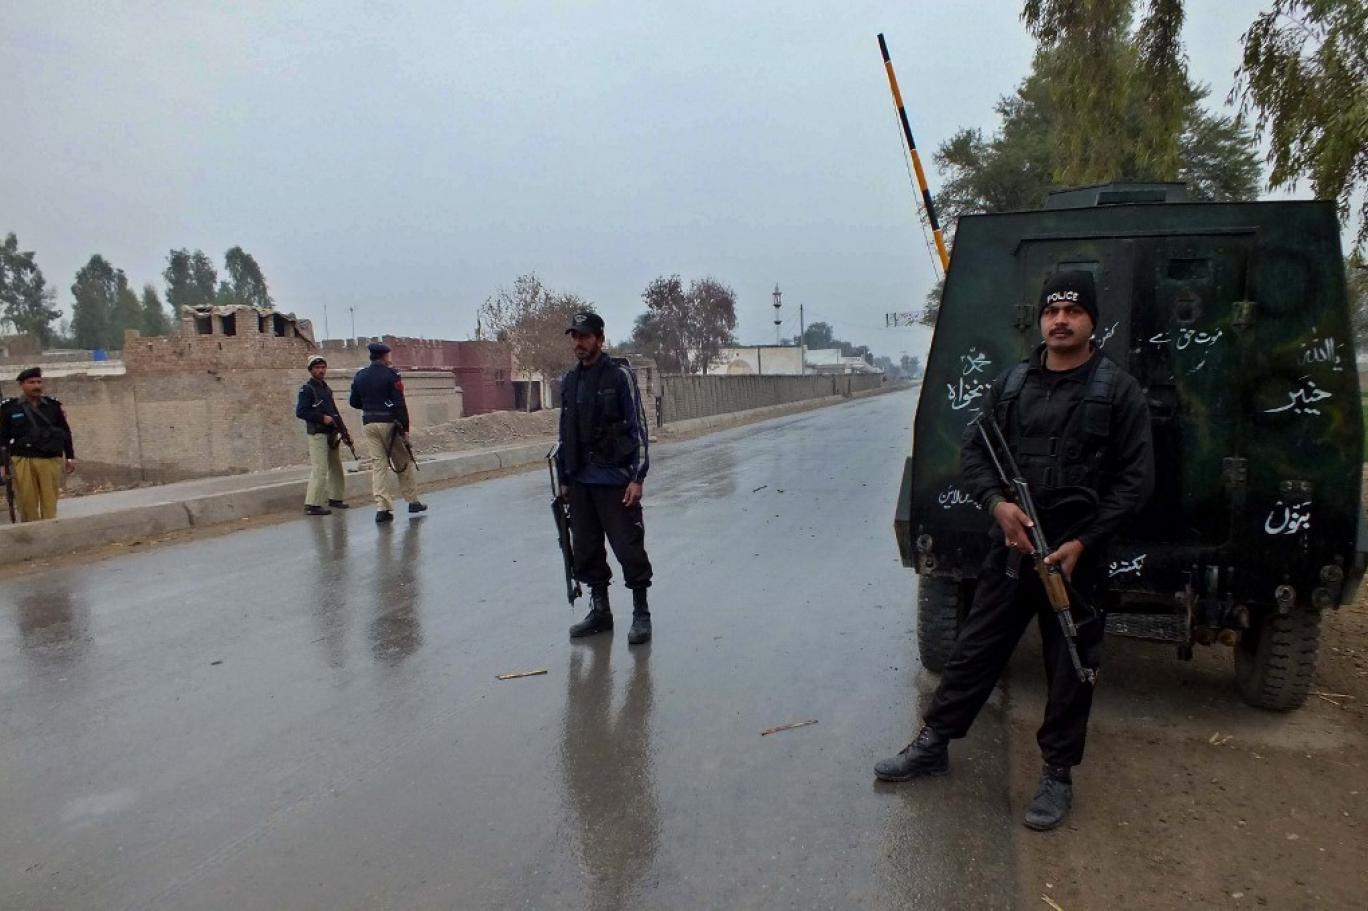 مبینہ پولیس مقابلہ: 'بیٹے کے نام سے دہشت گرد کا ٹھپہ ہٹایا جائے'